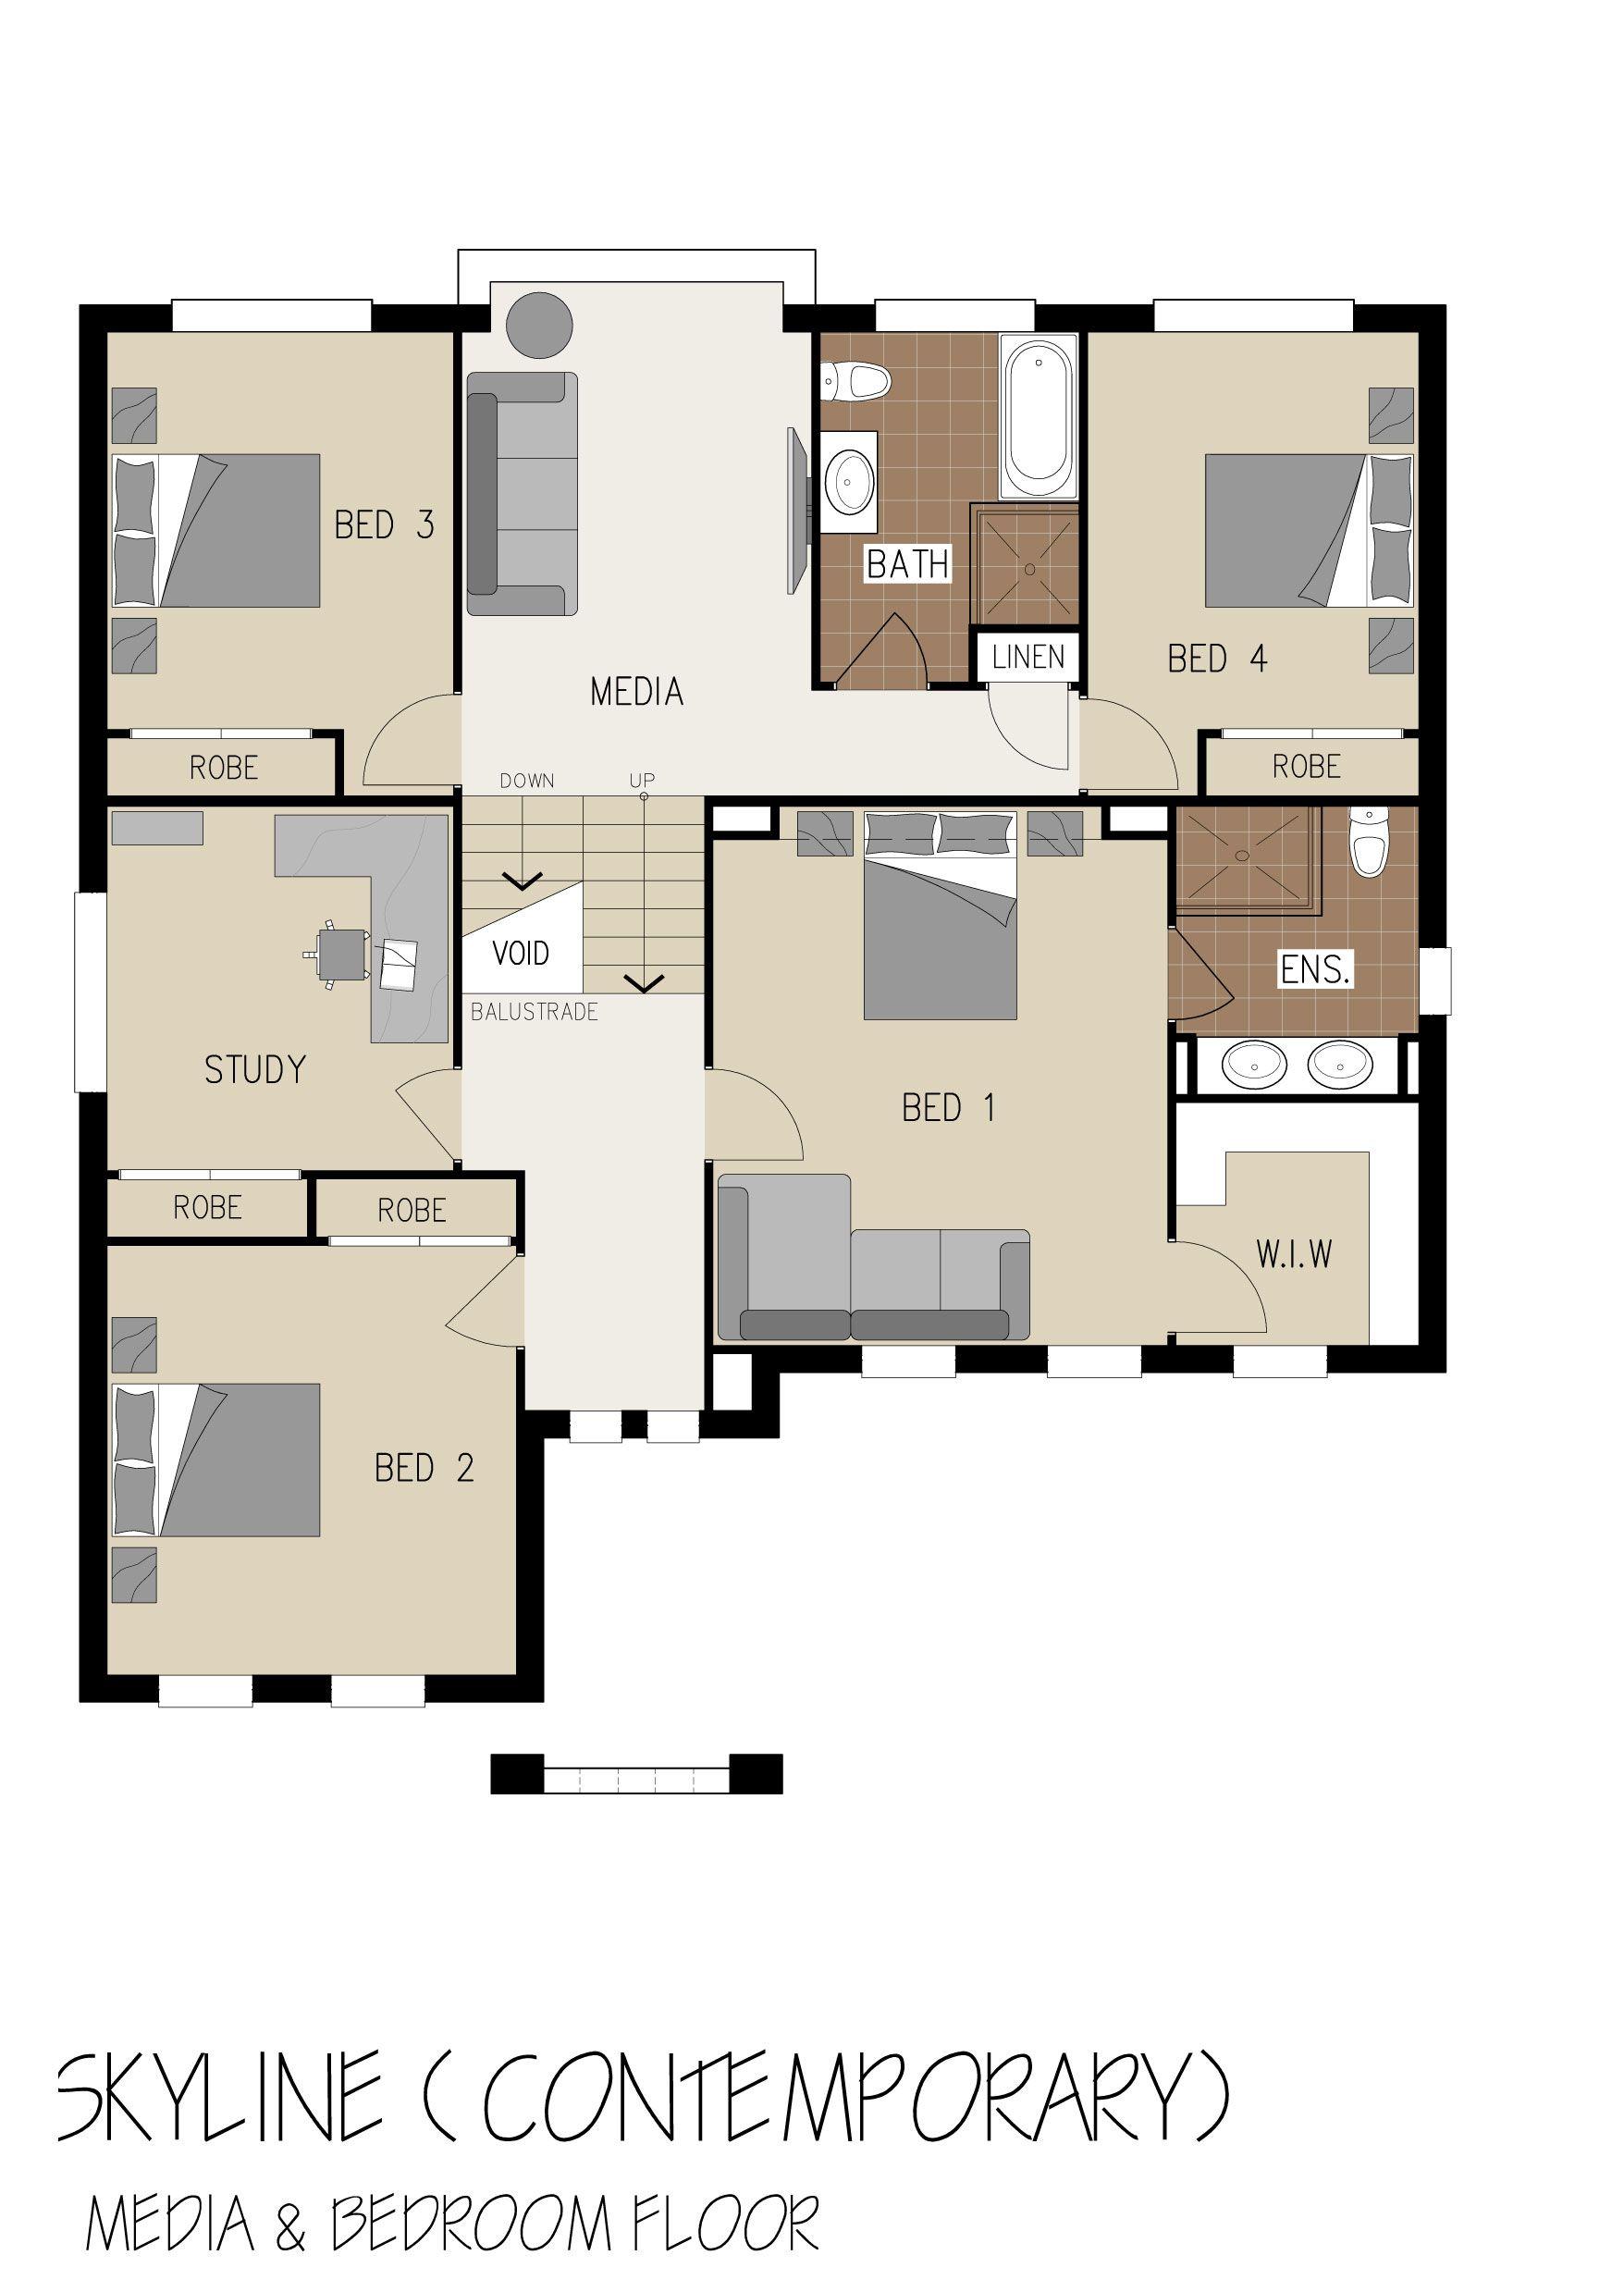 Erdgeschoss haus front design marksman homes  skyline  media and bedroom floor  architectural